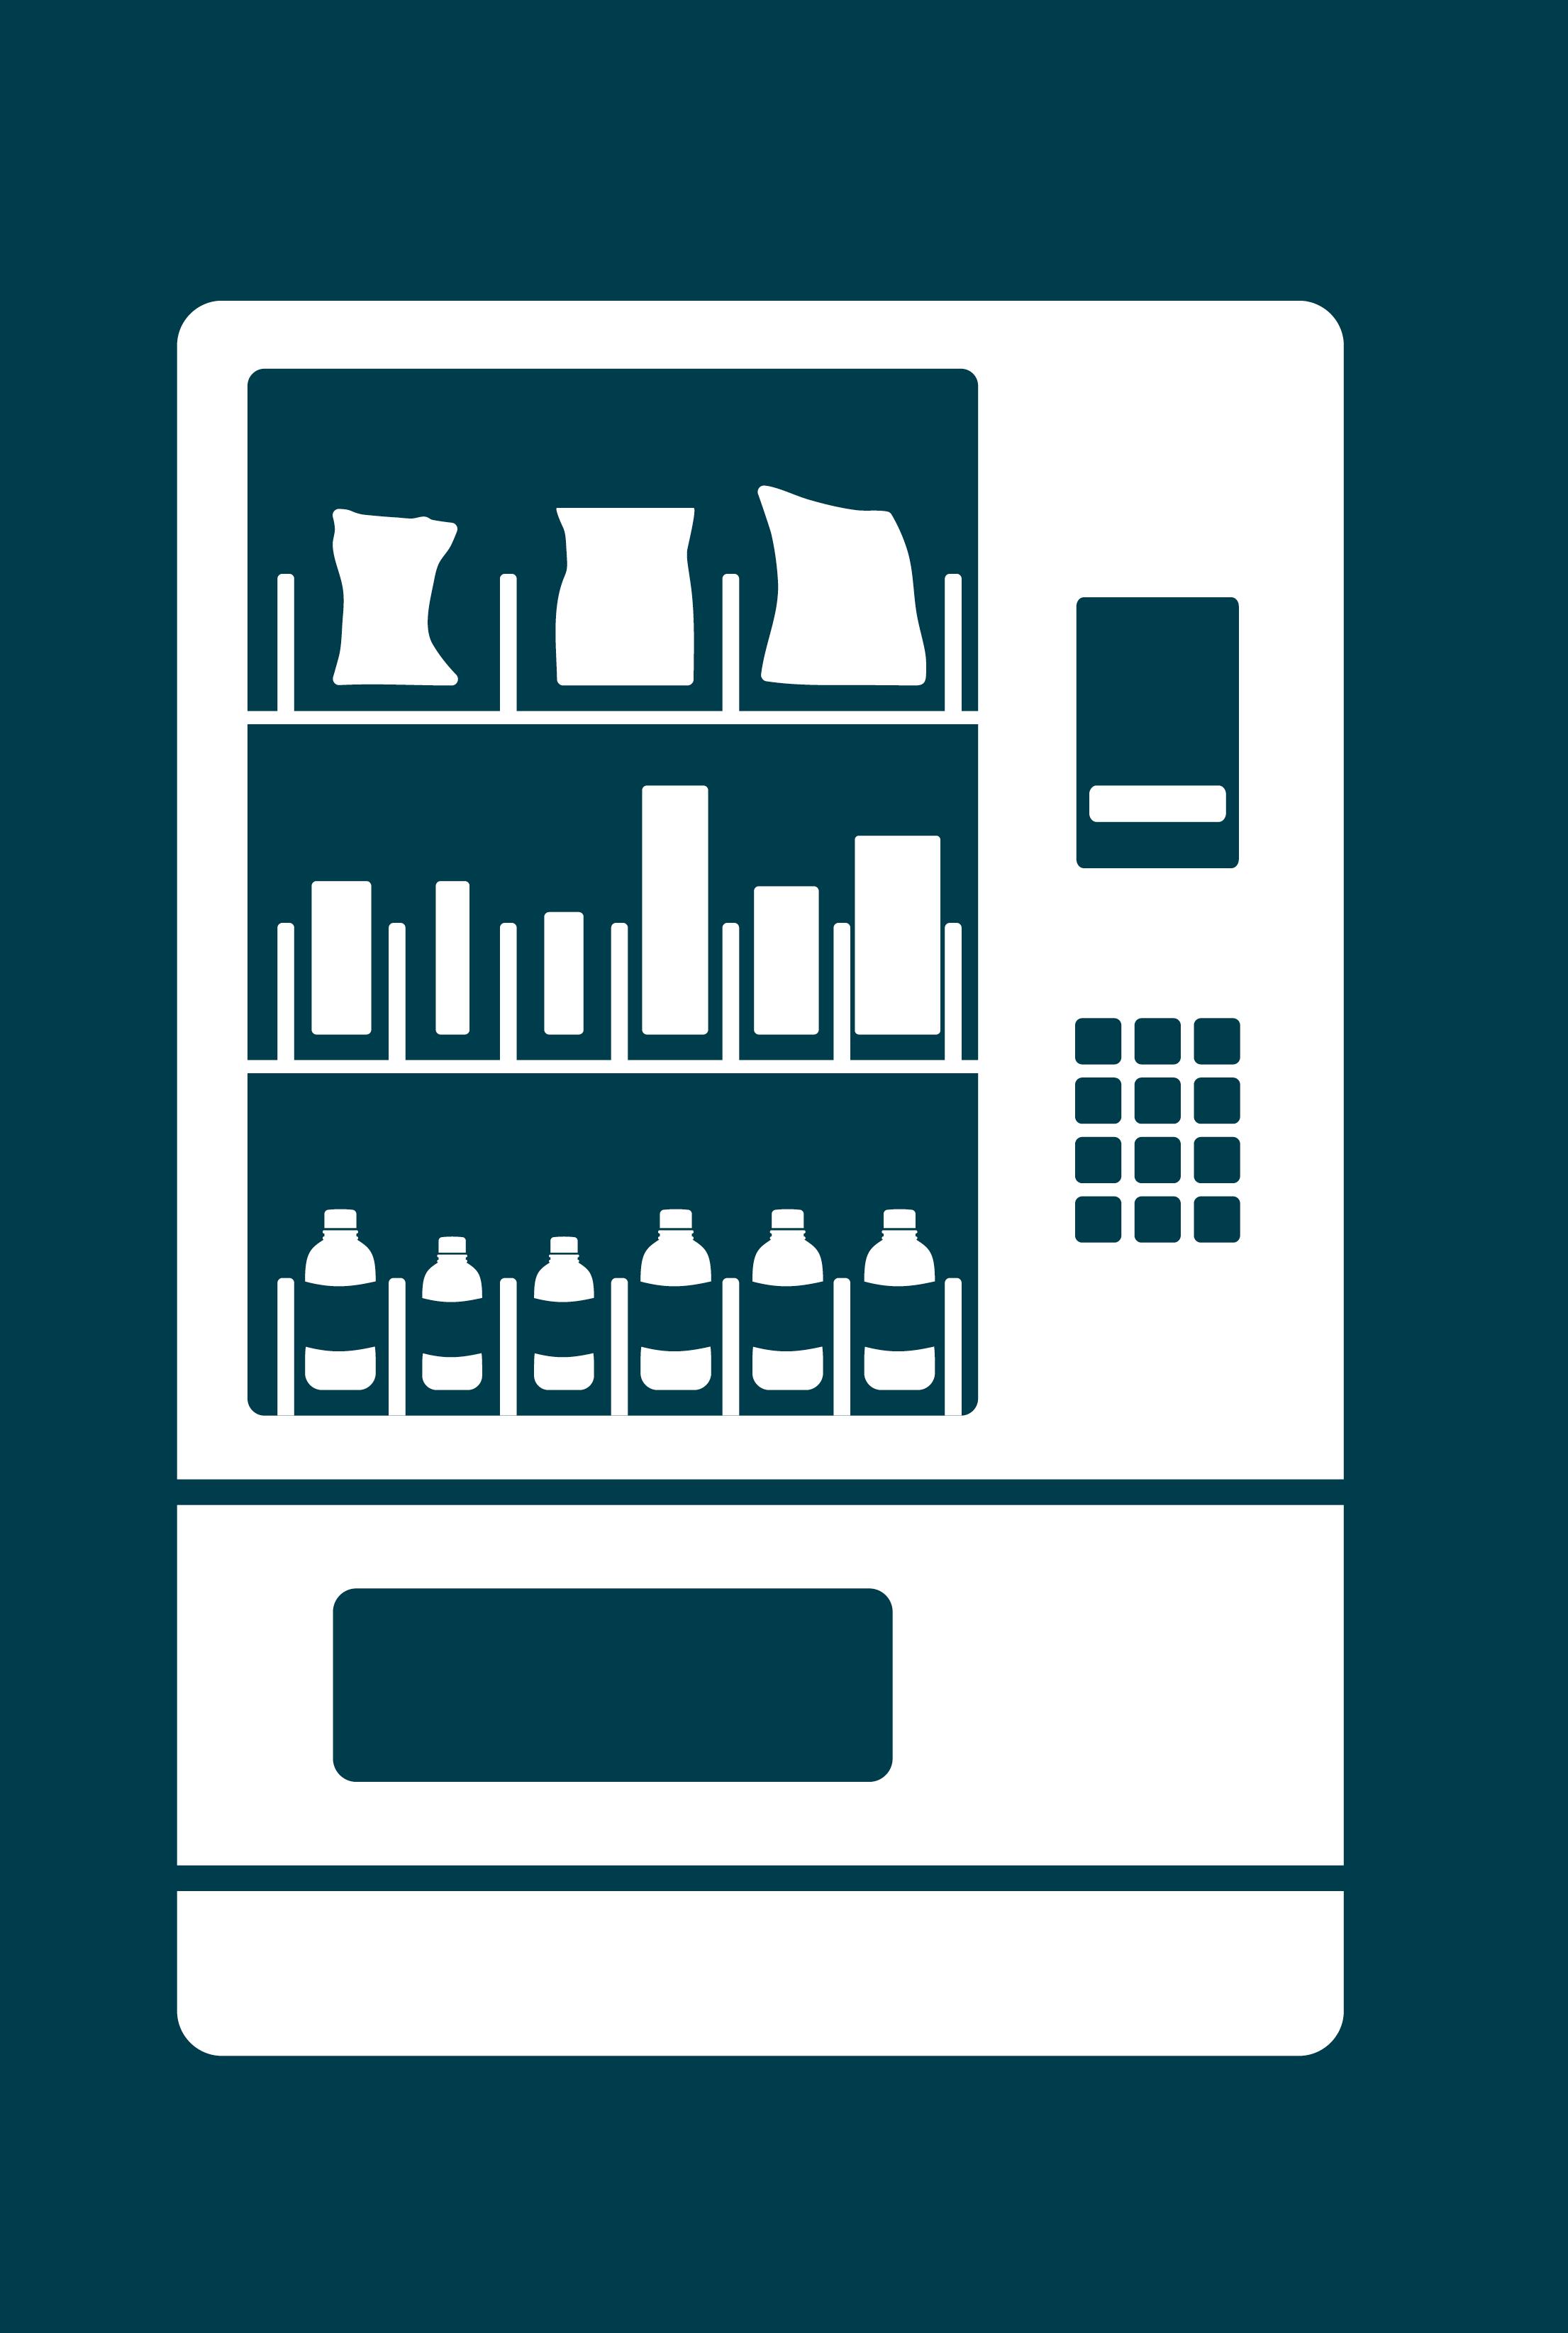 Vending2.png